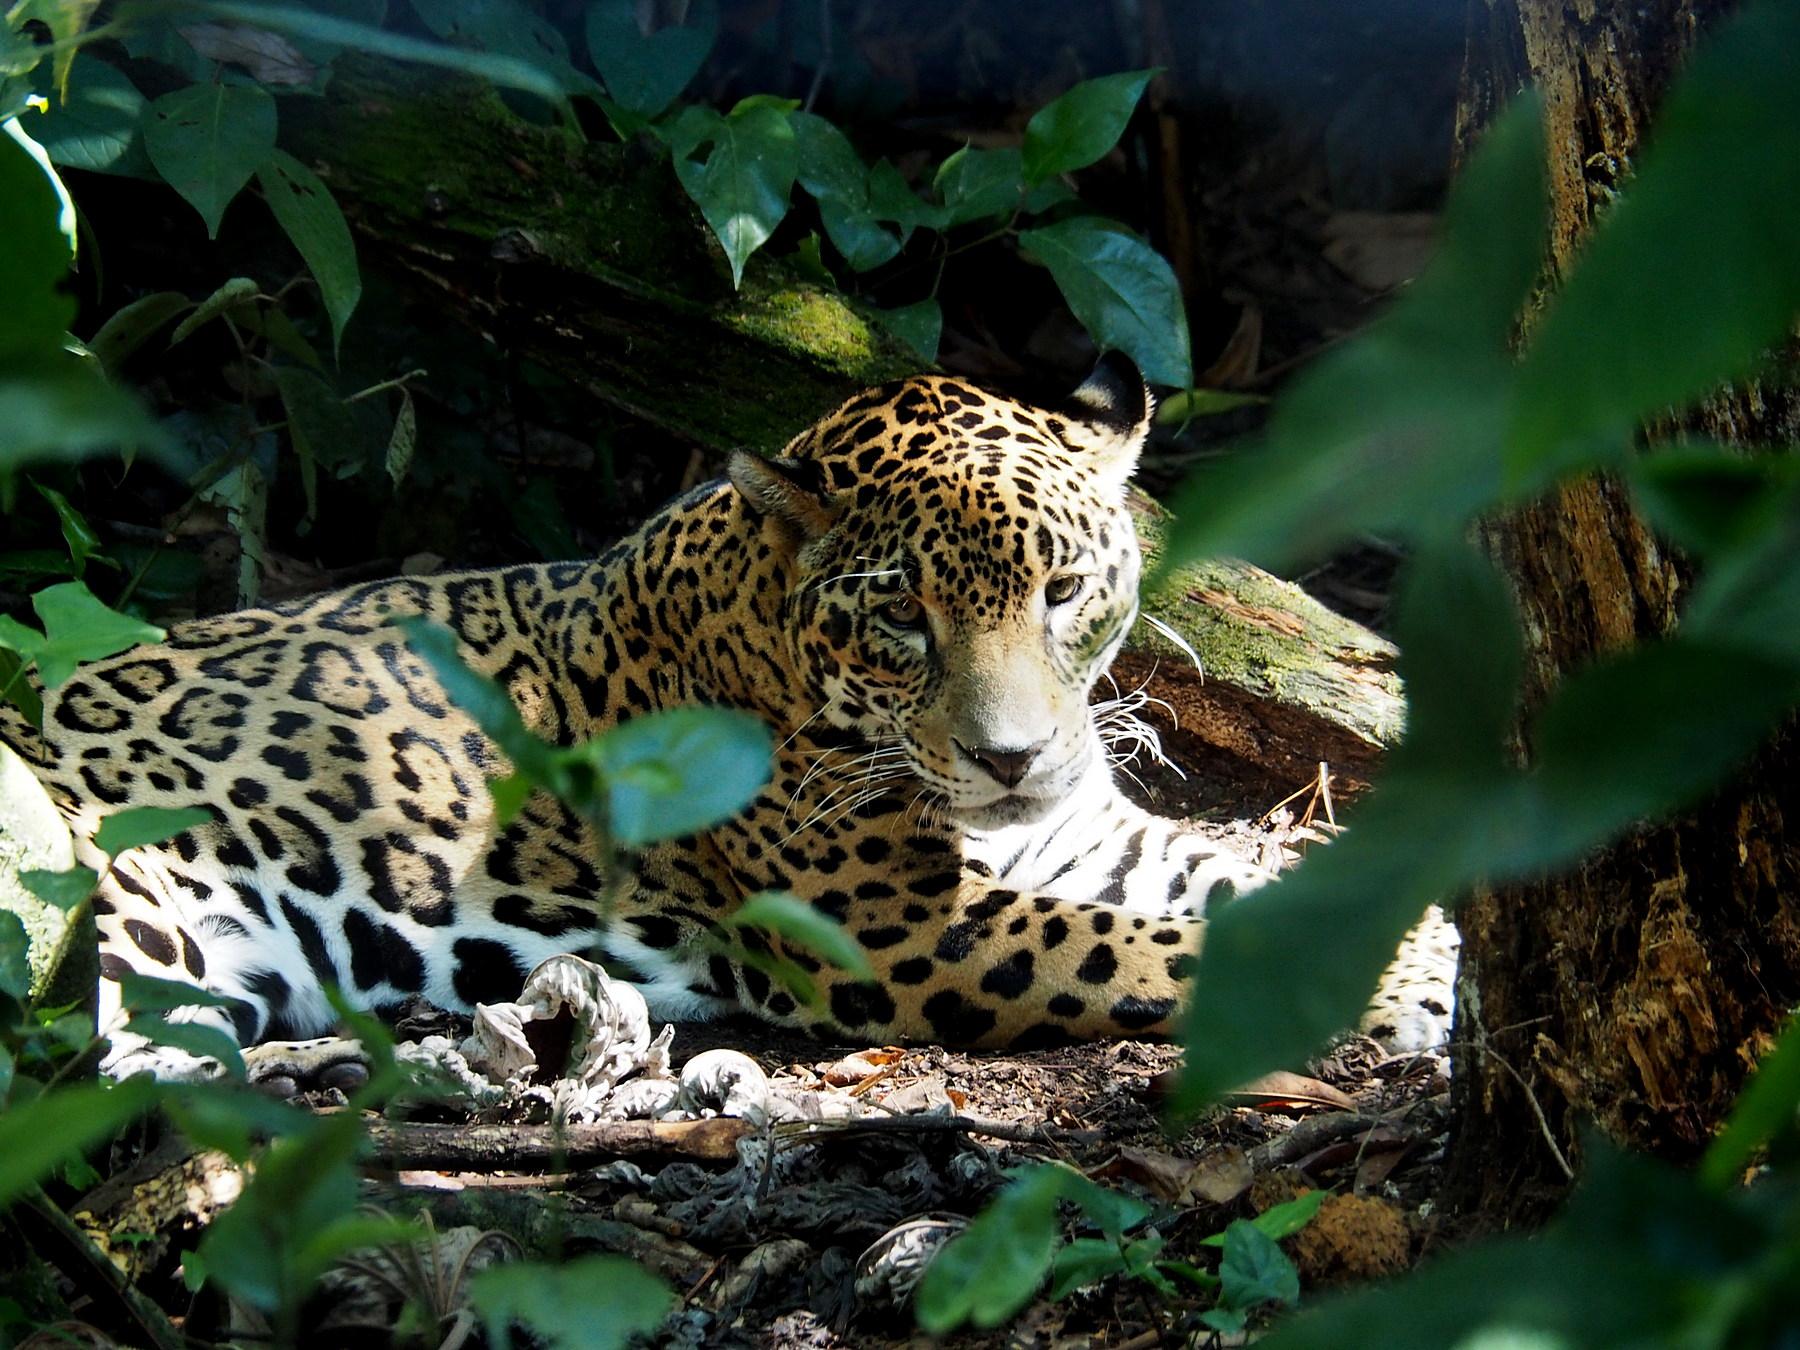 Der Jaguar, wunderschön und gefährlich